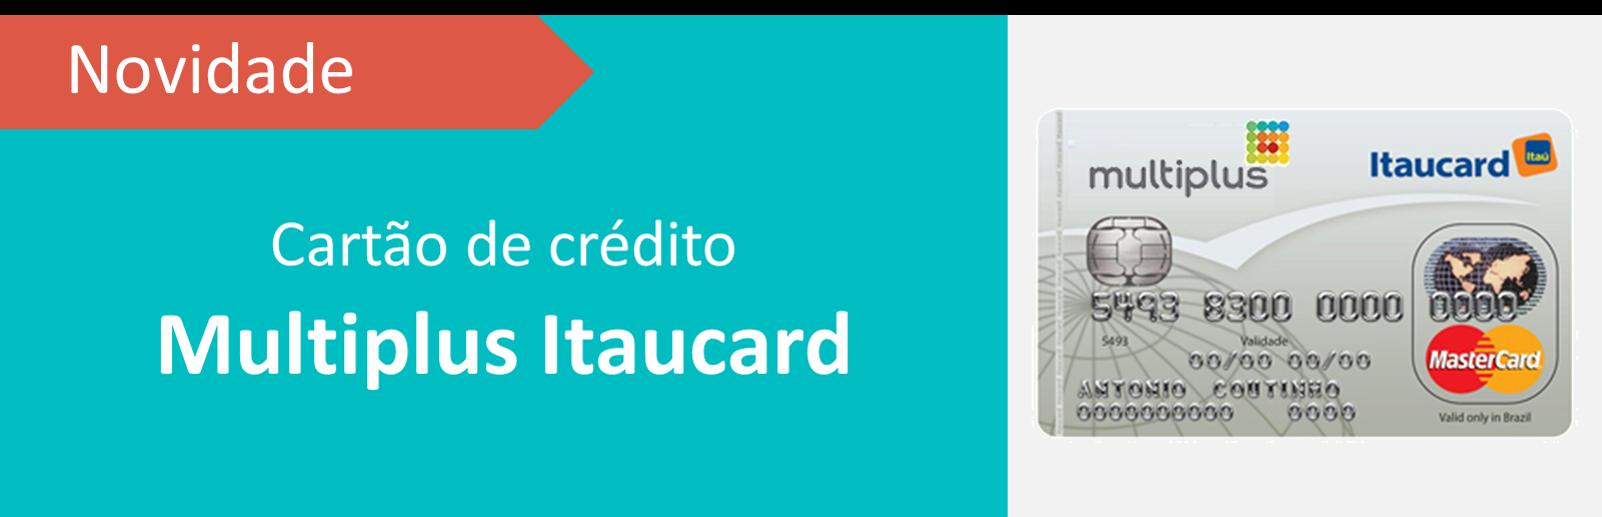 Cartão de Crédito Multiplus será lançado em breve, facilitando acúmulo de pontos do Programa de Fidelidade